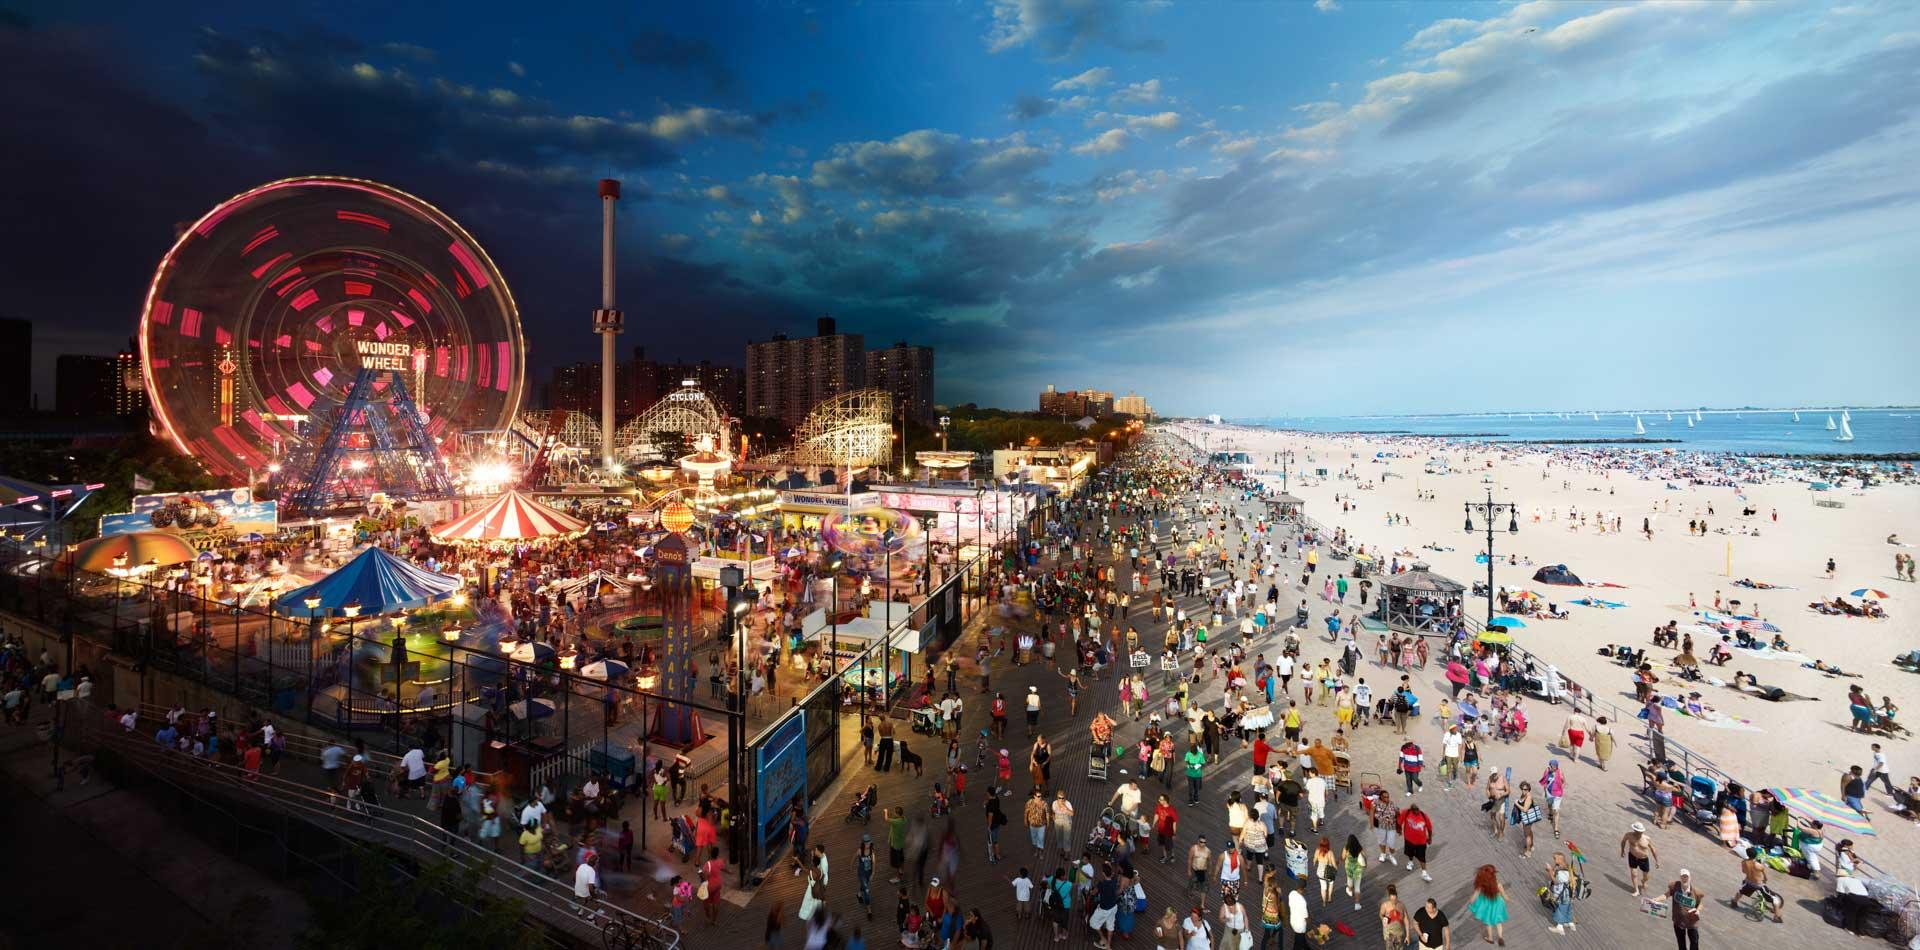 Luna Park em Coney Island/ Crédito foto: http://novayorkevoce.com/luna-park-em-coney-island-nova-york/